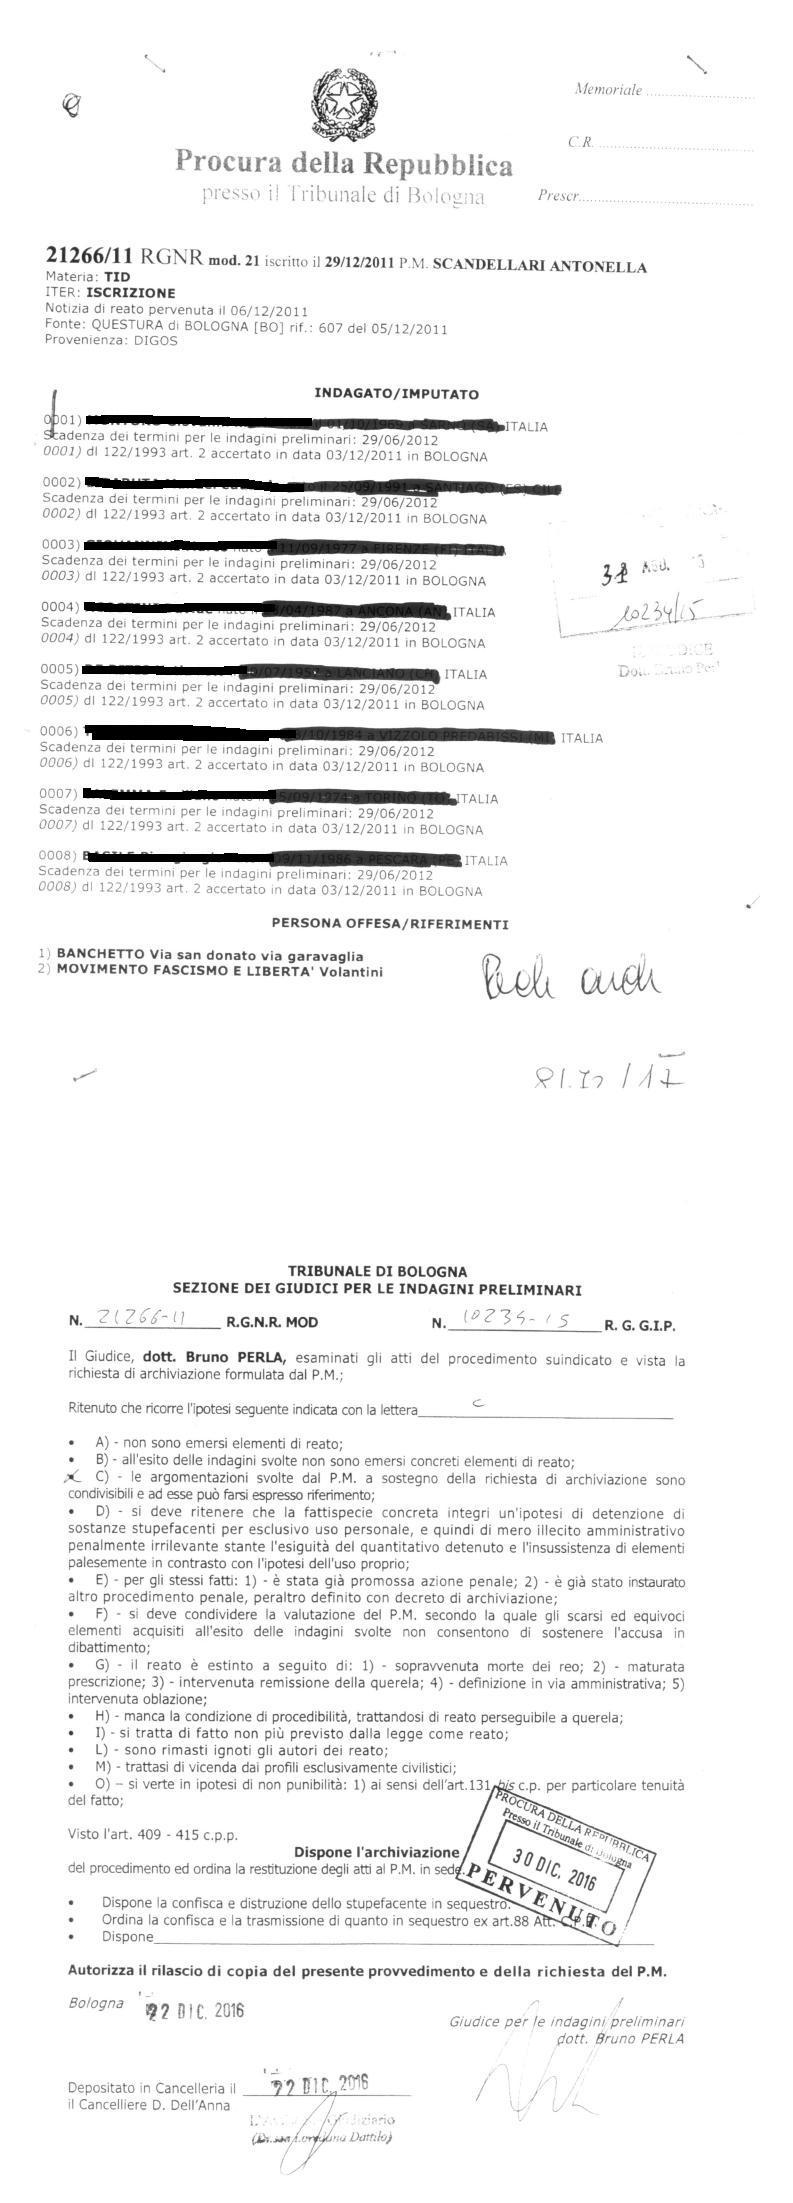 Archiviazione Banchetto Bologna